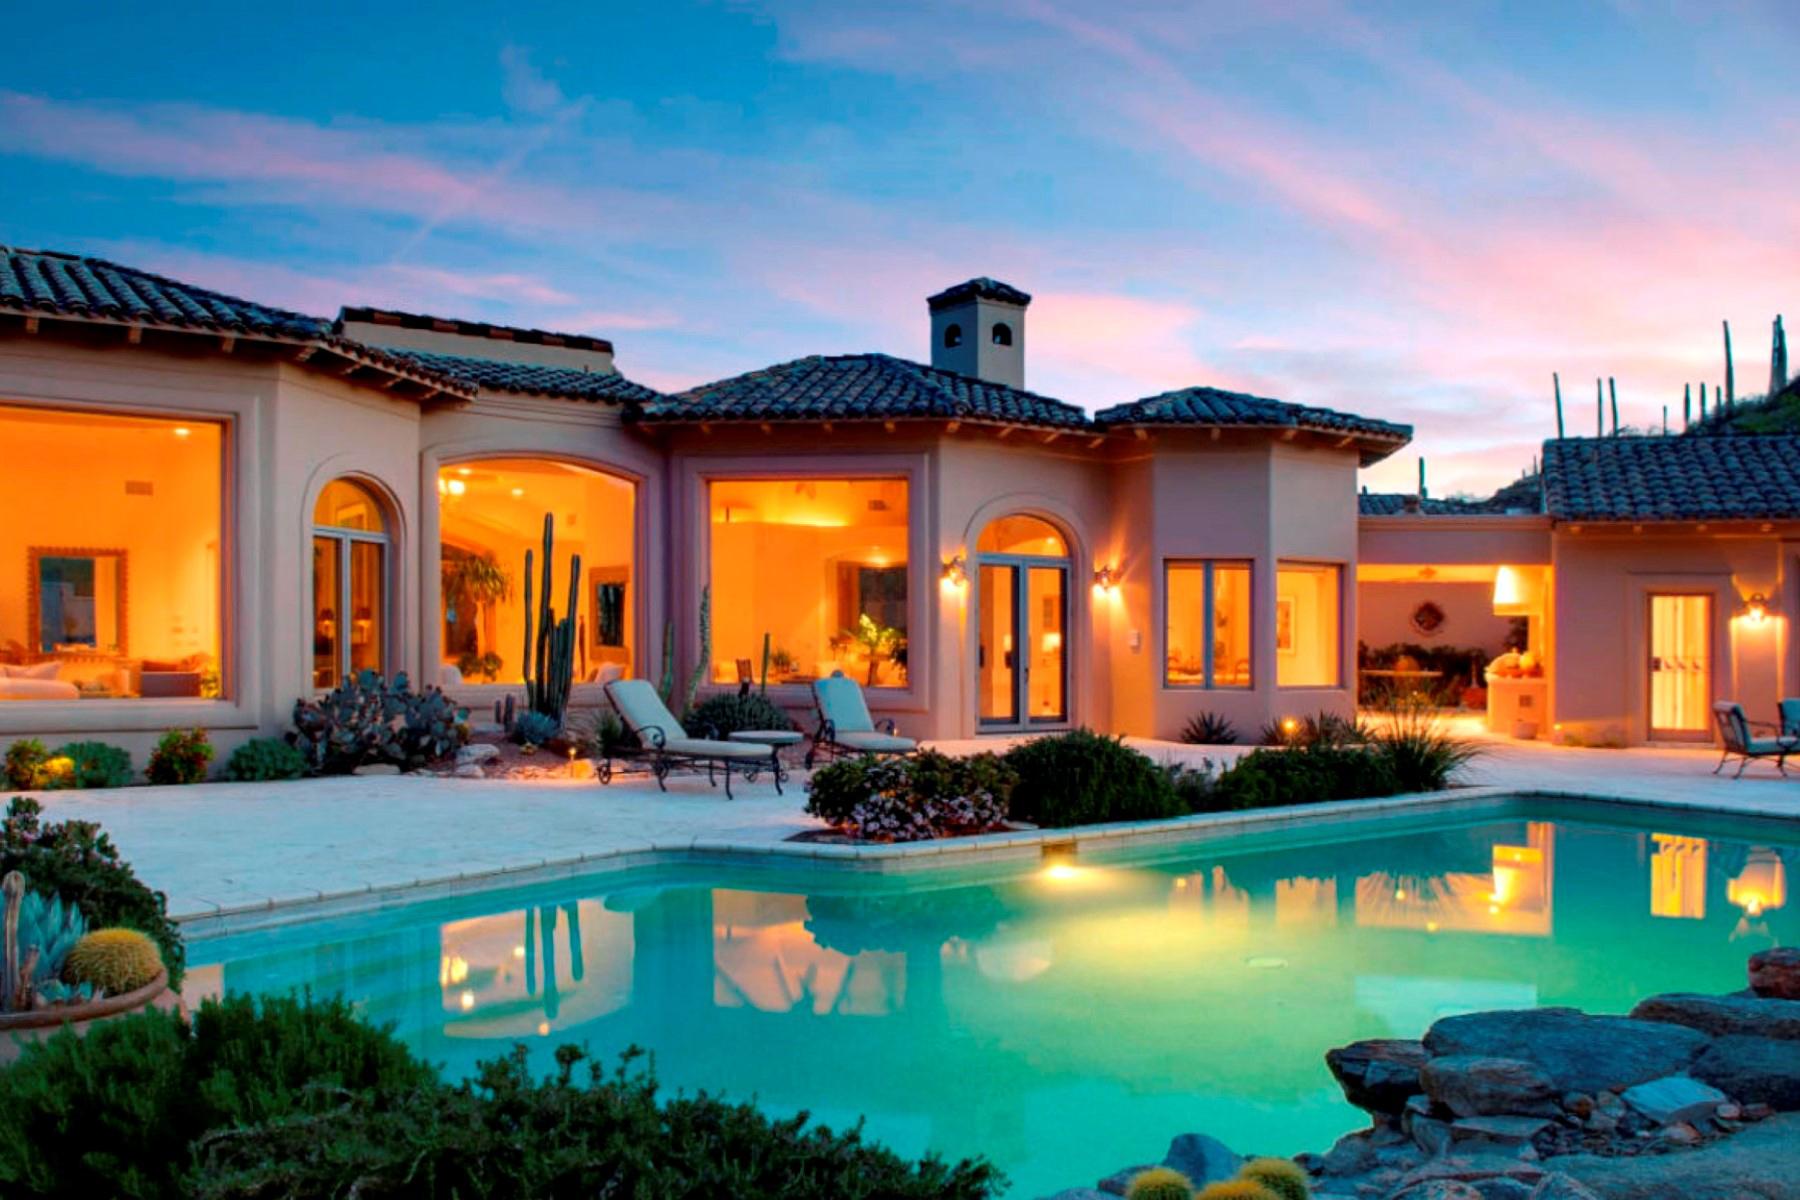 단독 가정 주택 용 매매 에 Elegant Mediterranean Style Estate 7391 N Finger Rock Place Tucson, 아리조나 85719 미국